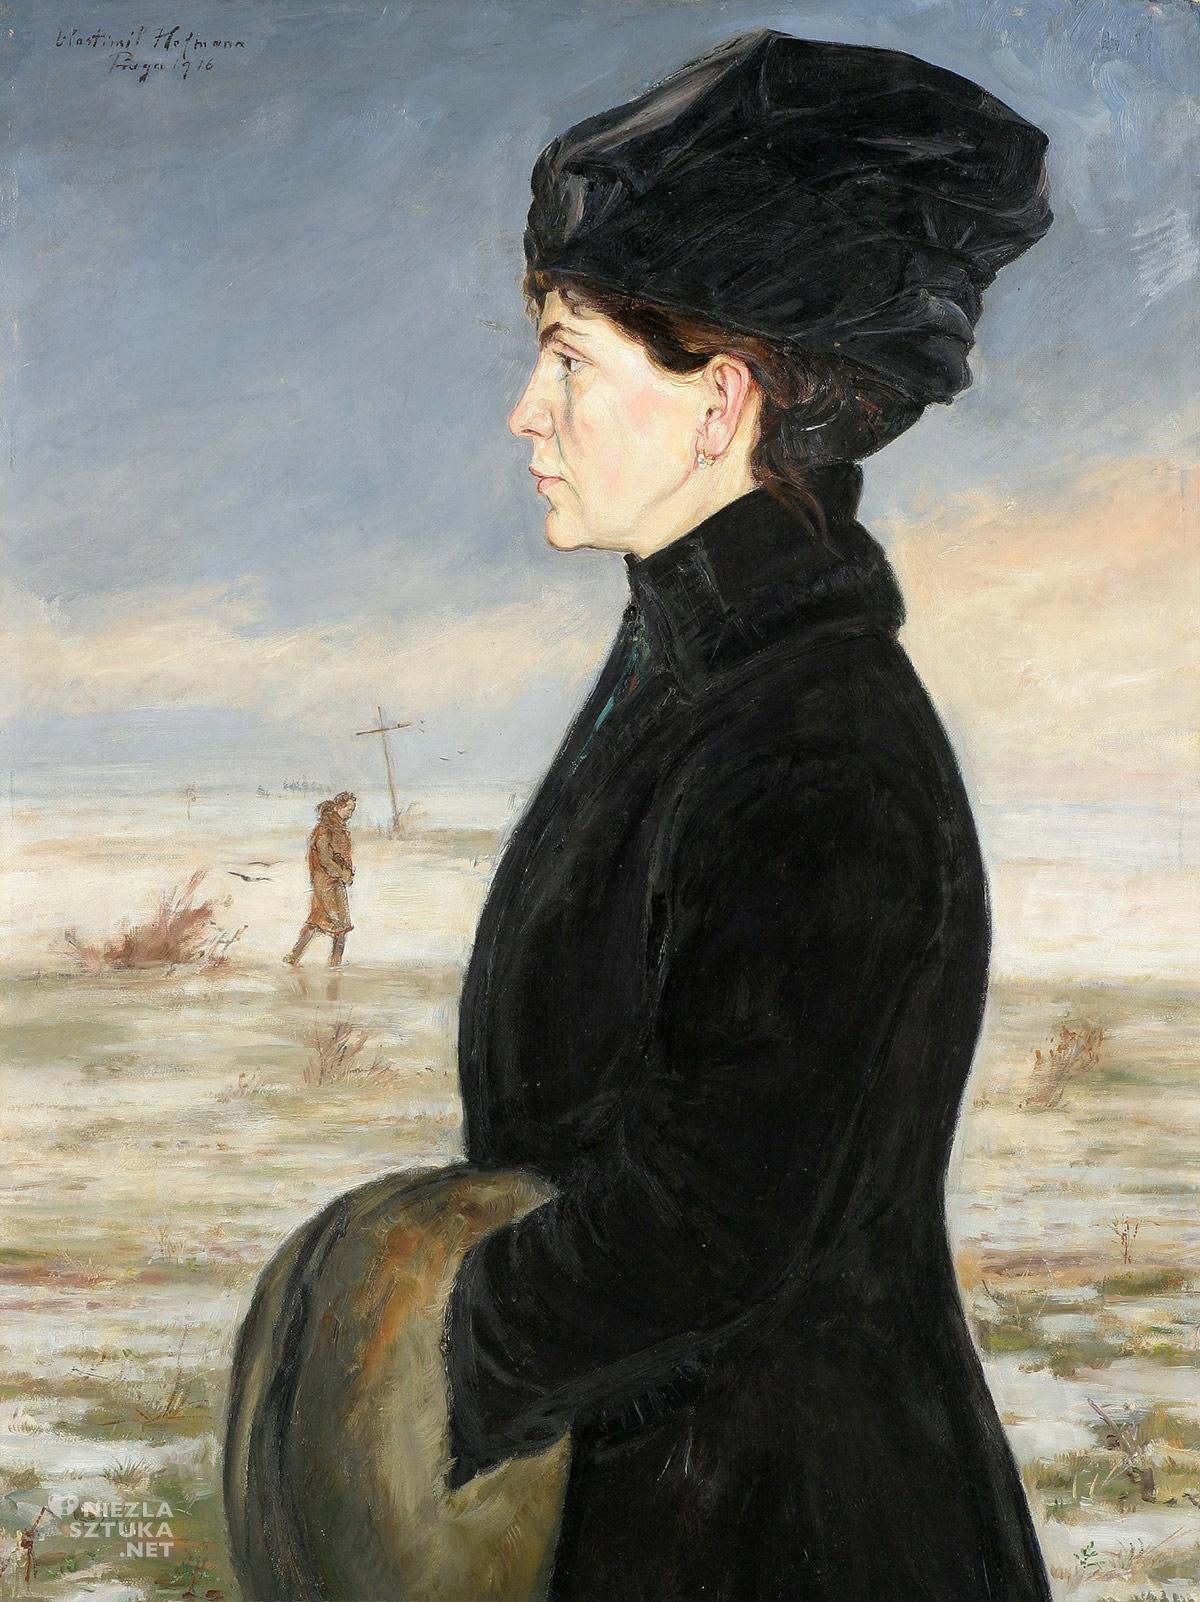 Wlastimil Hofman Portret żony, Ada Hofman, Muzeum Narodowe we Wrocławiu, Niezła sztuka